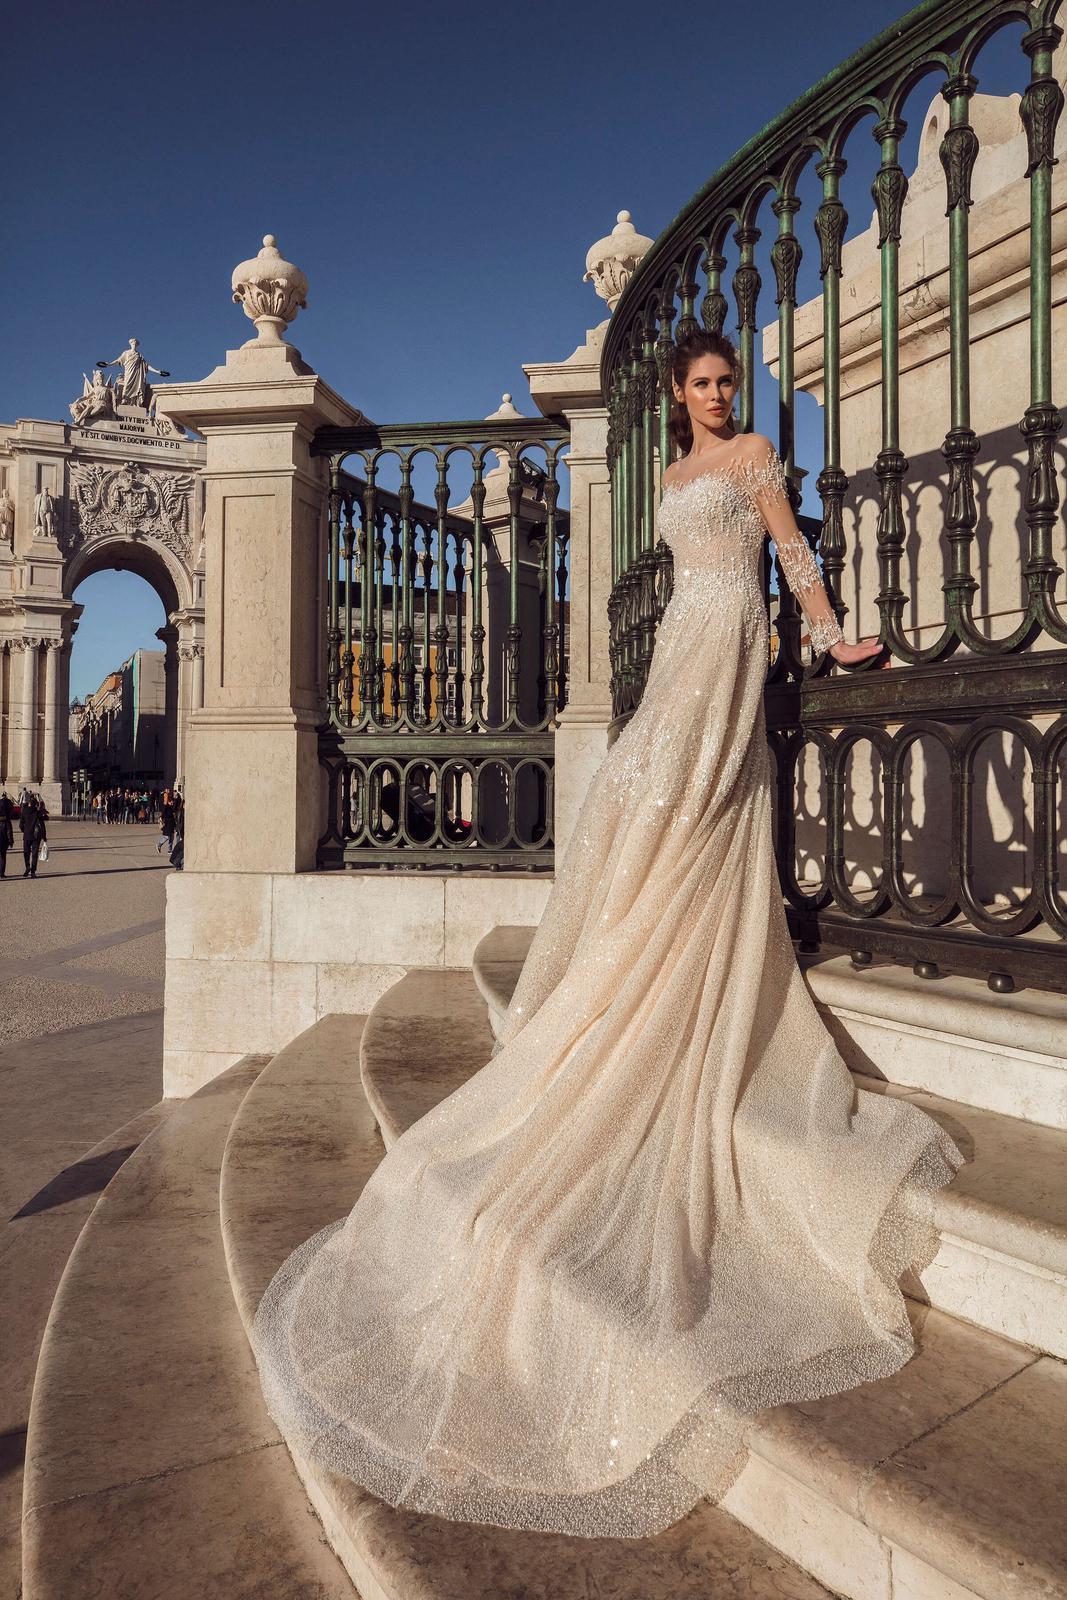 Innocentia Divina 2019 * Svadobné šaty z kolekcií na rok 2019 - Obrázok č. 8